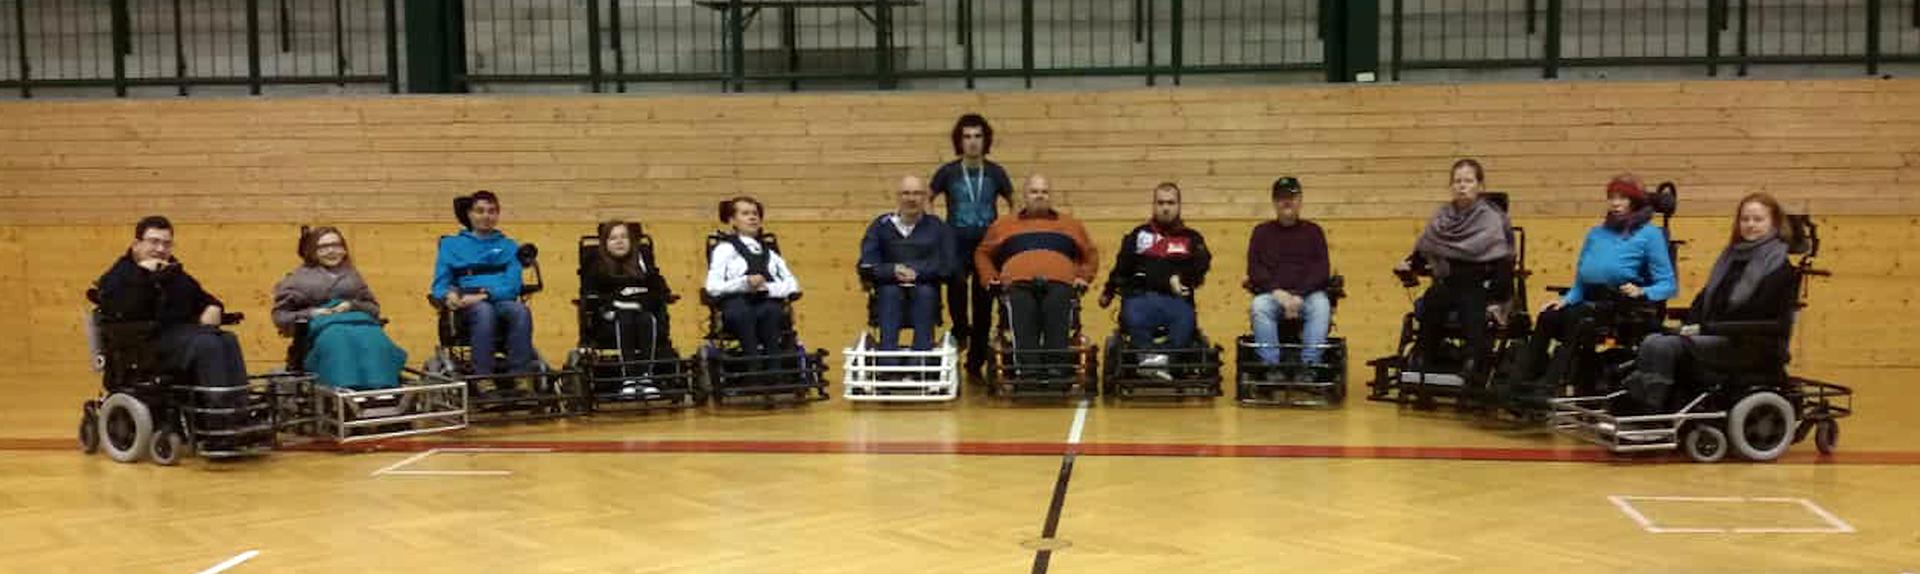 Alle TeilnehmerInnen des Trainings